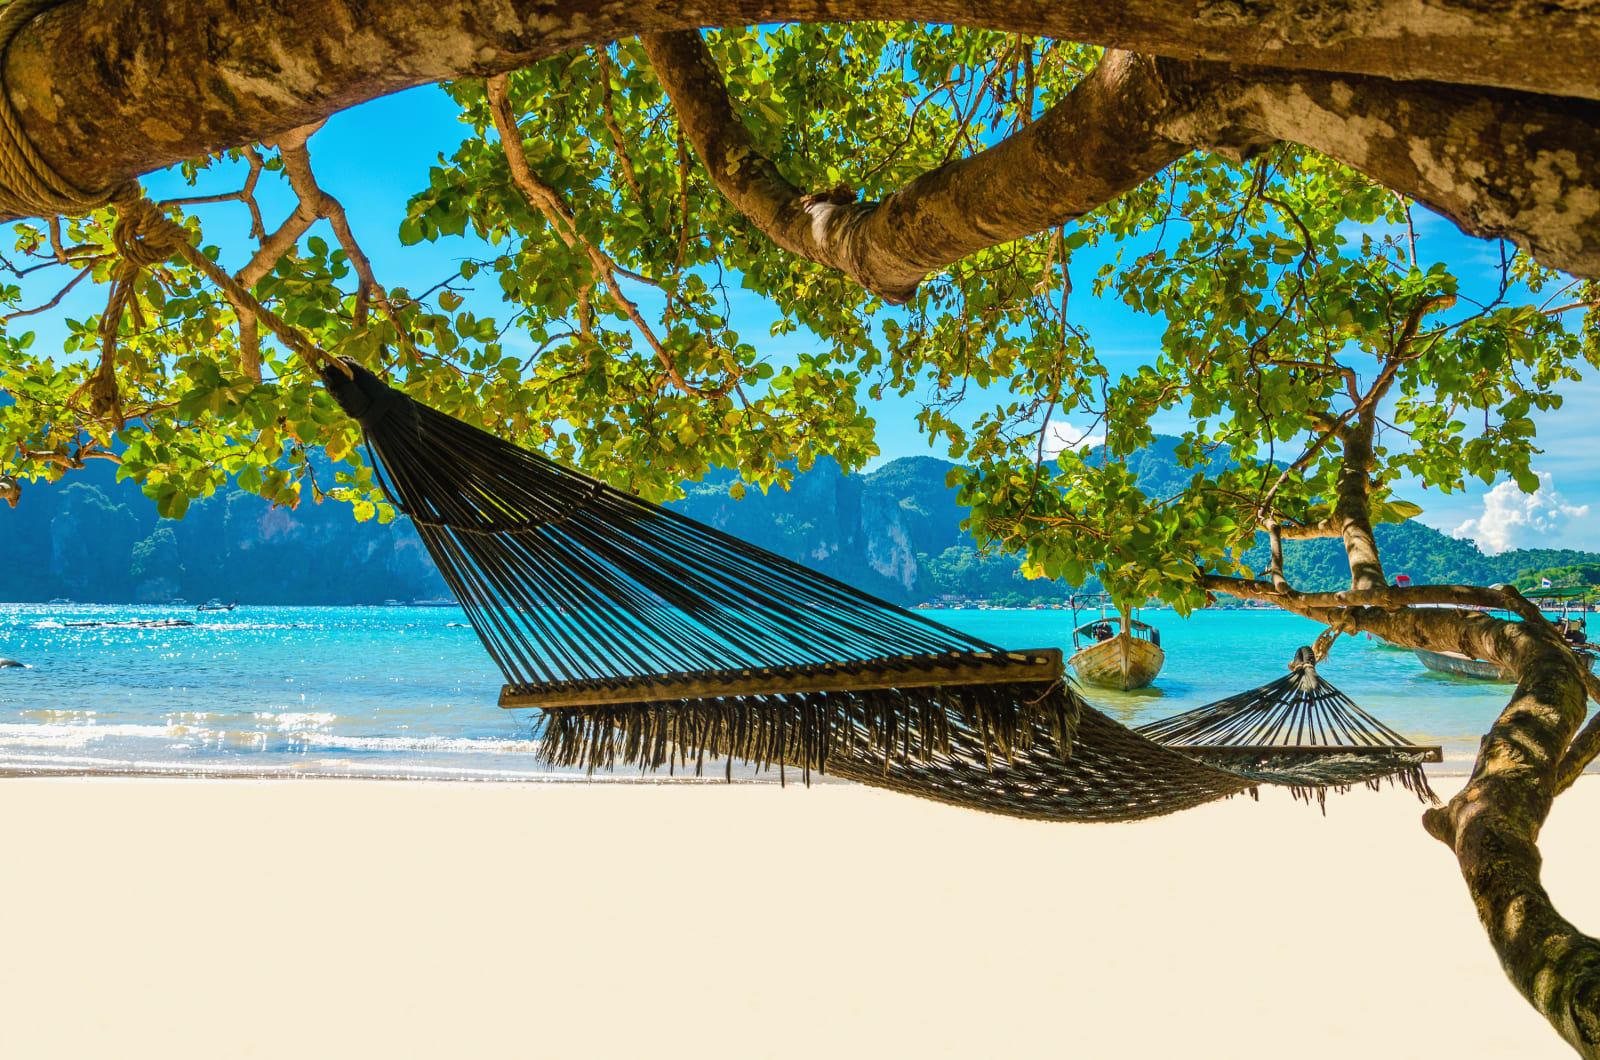 Un hamac sur un palmier en Martinique